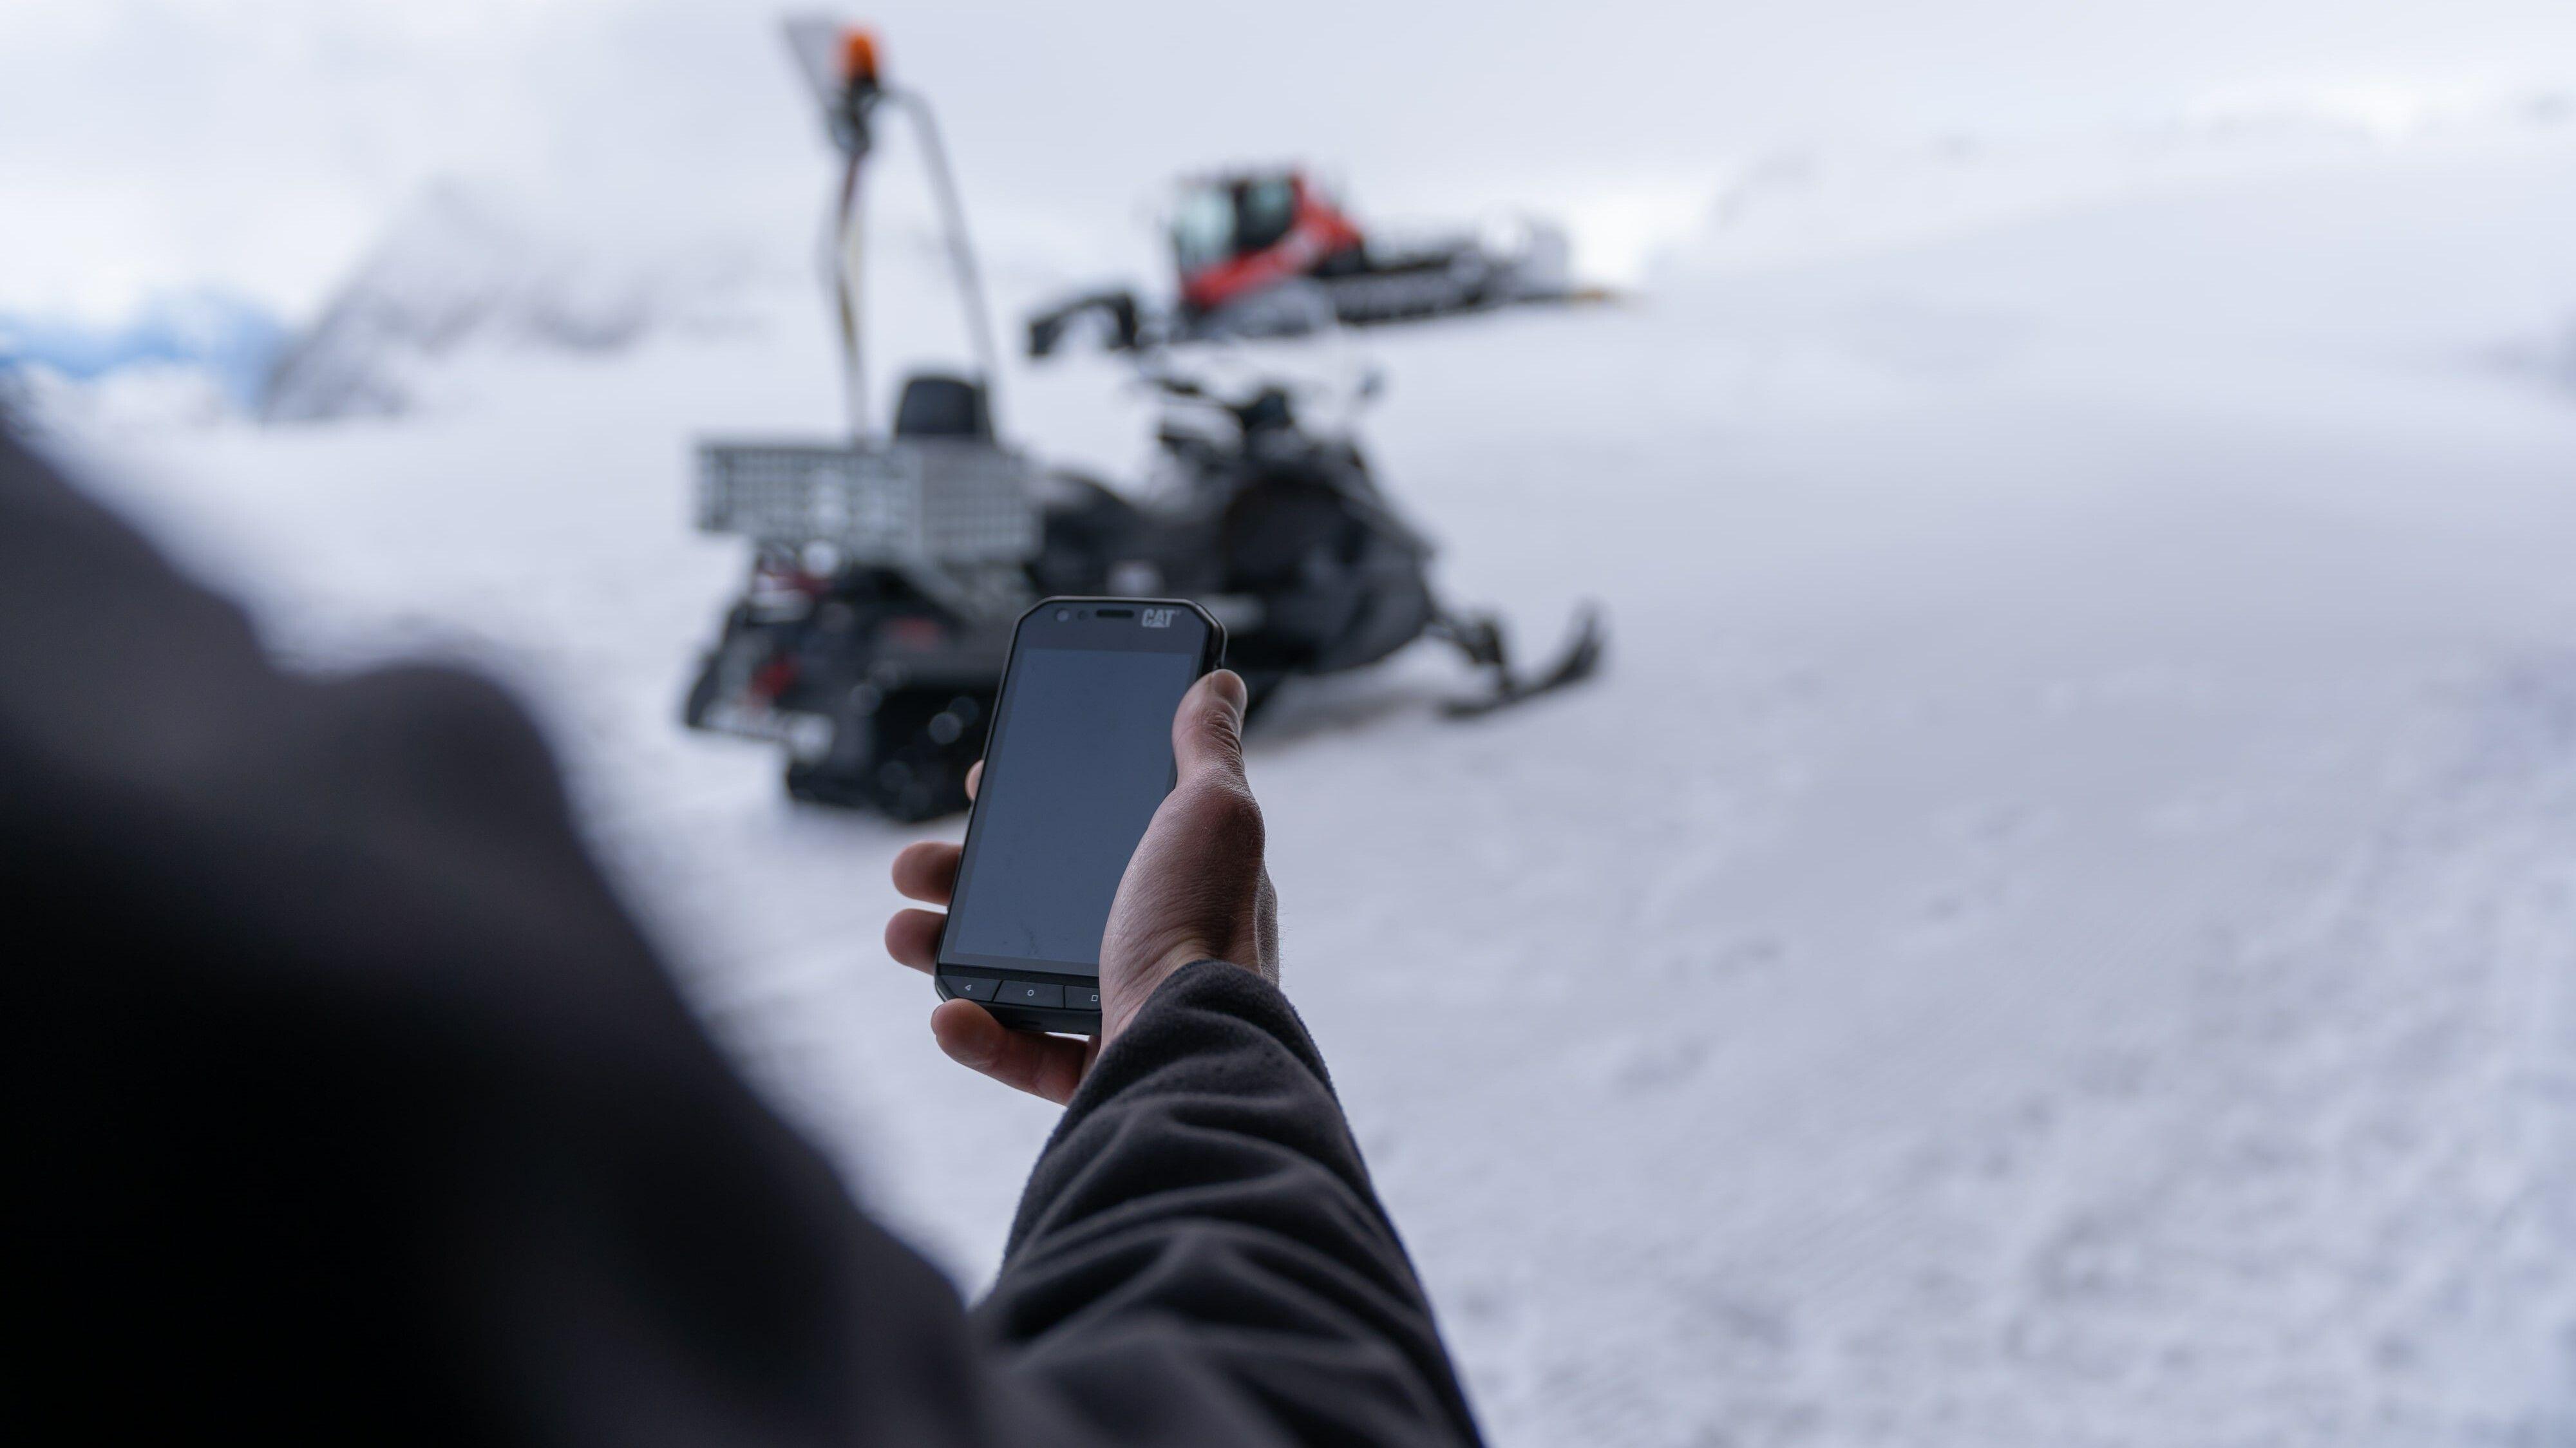 Mitarbeiter im Skigebiet mit Handy in der Hand